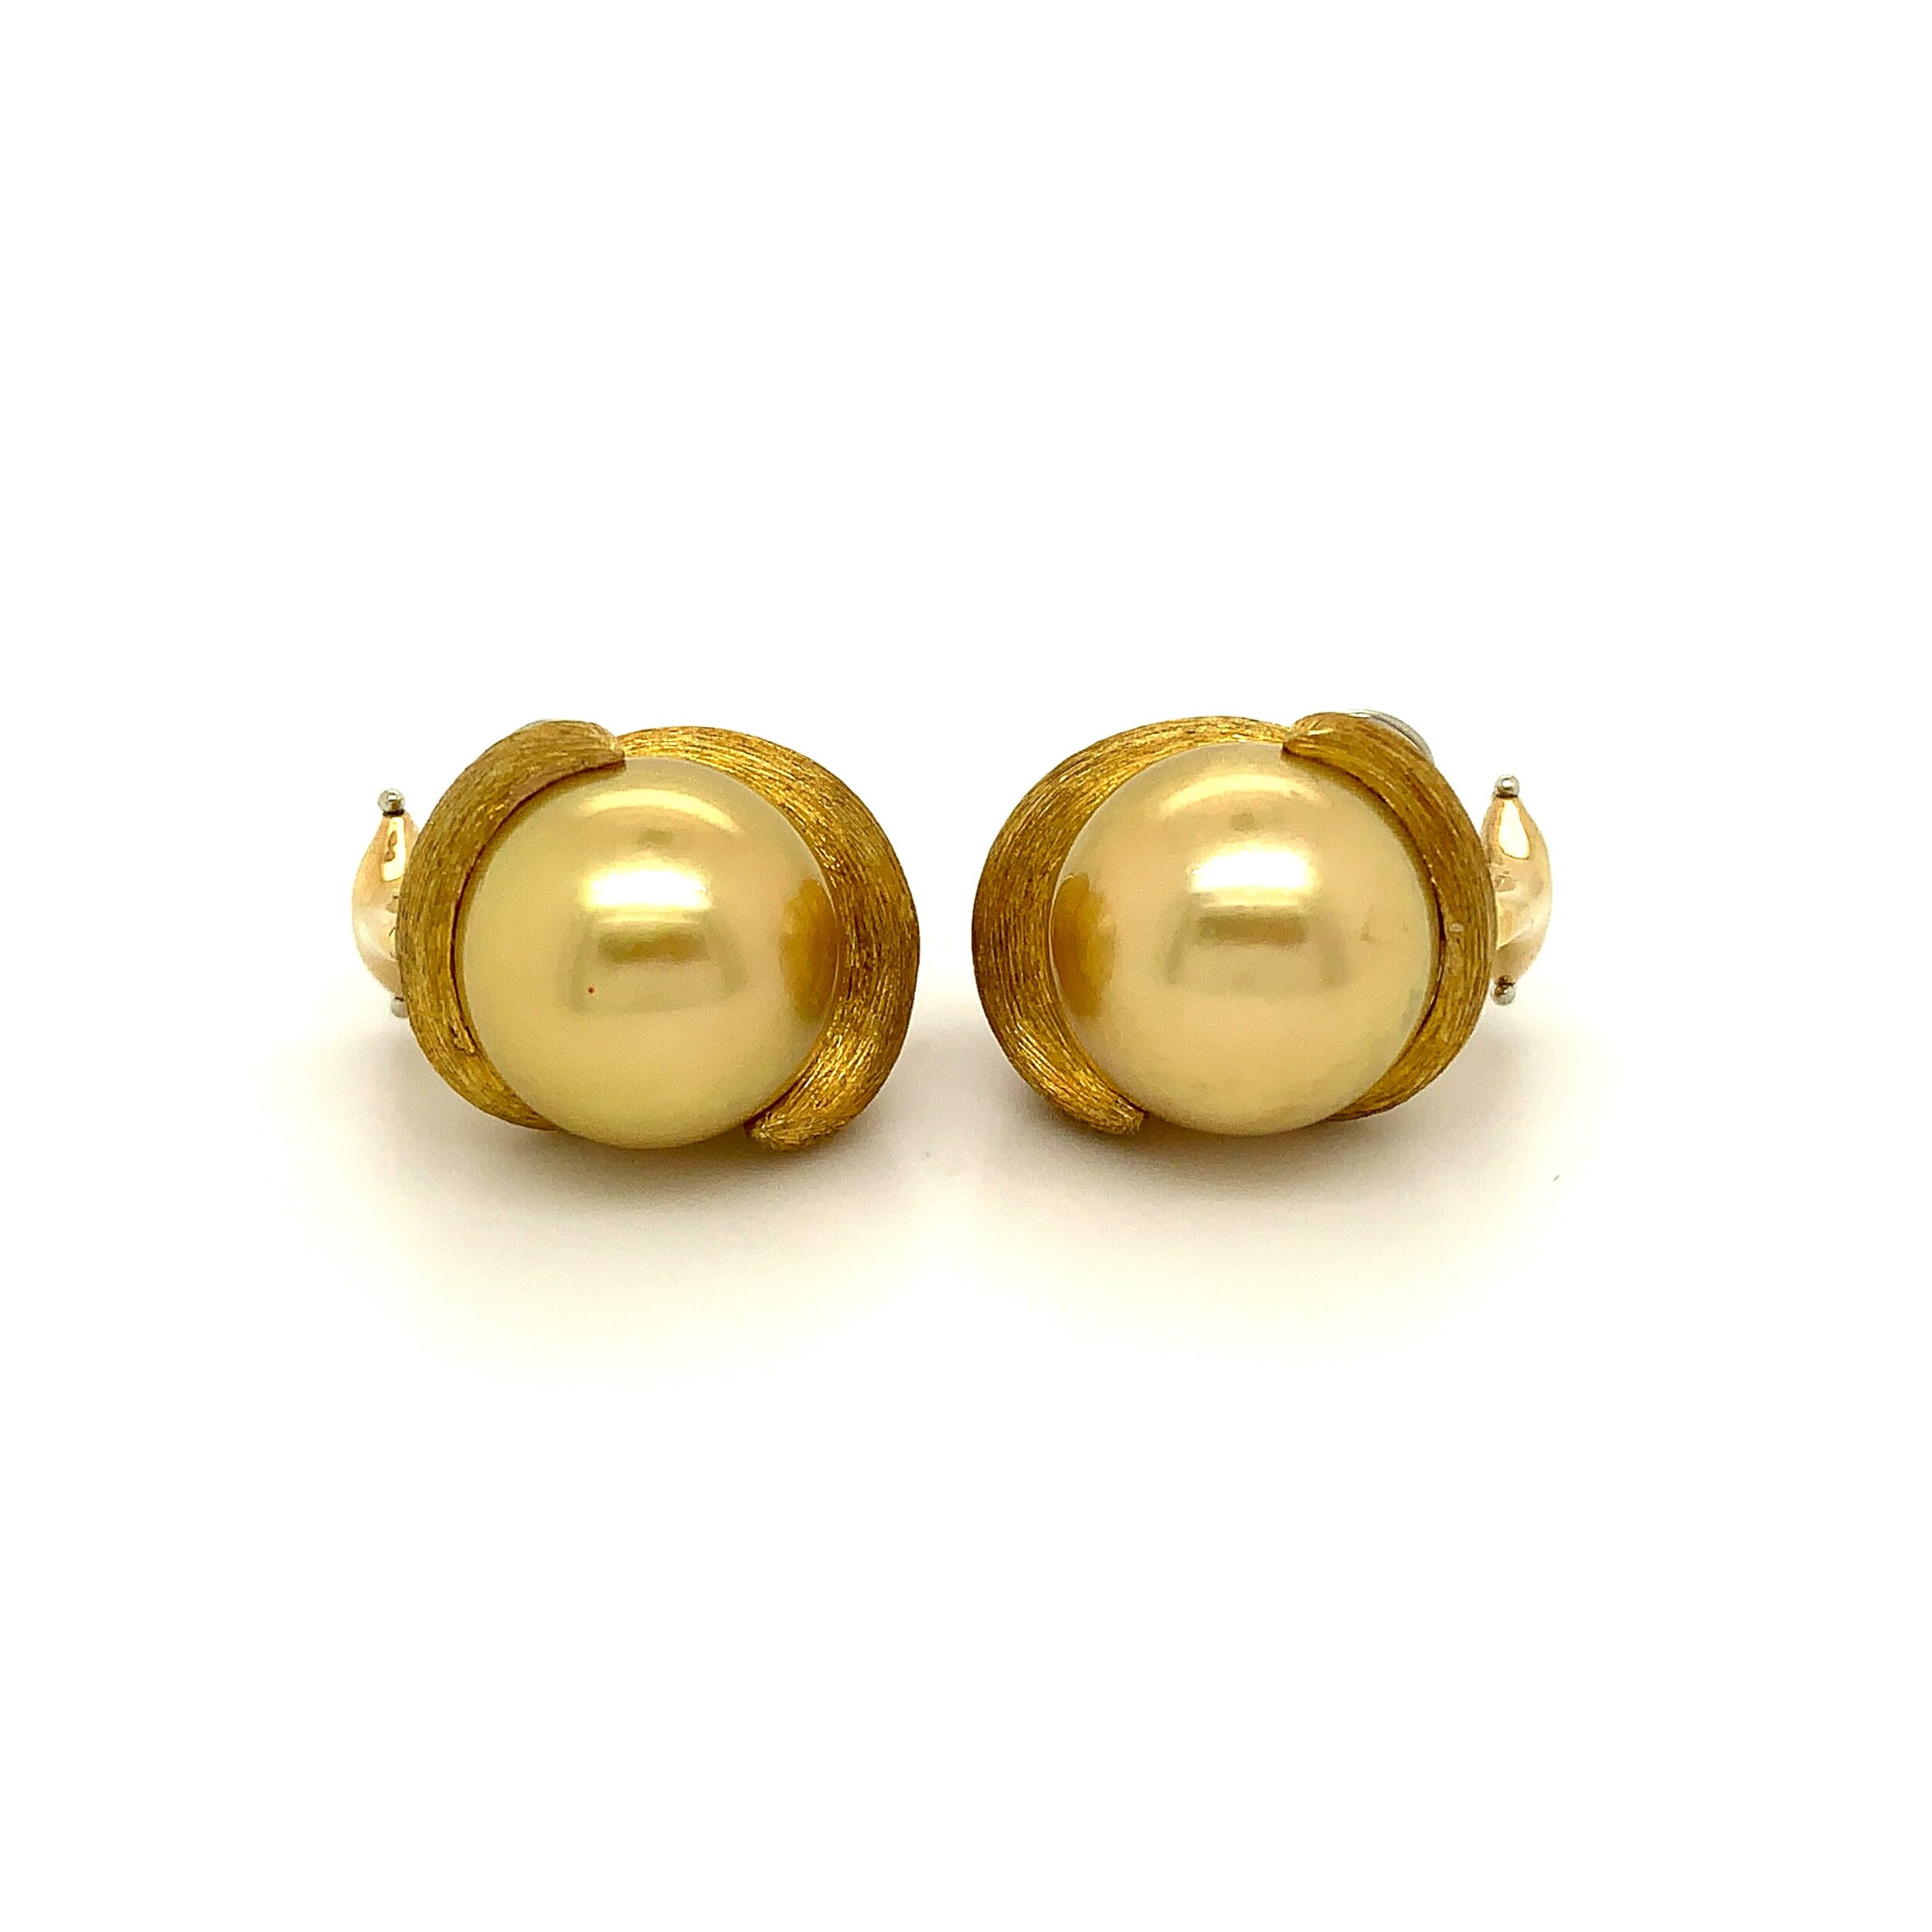 13.6mm Pearl Earrings set in 18 Karat Gold, Henry Dunay  Est. US$ 1,500-2,500